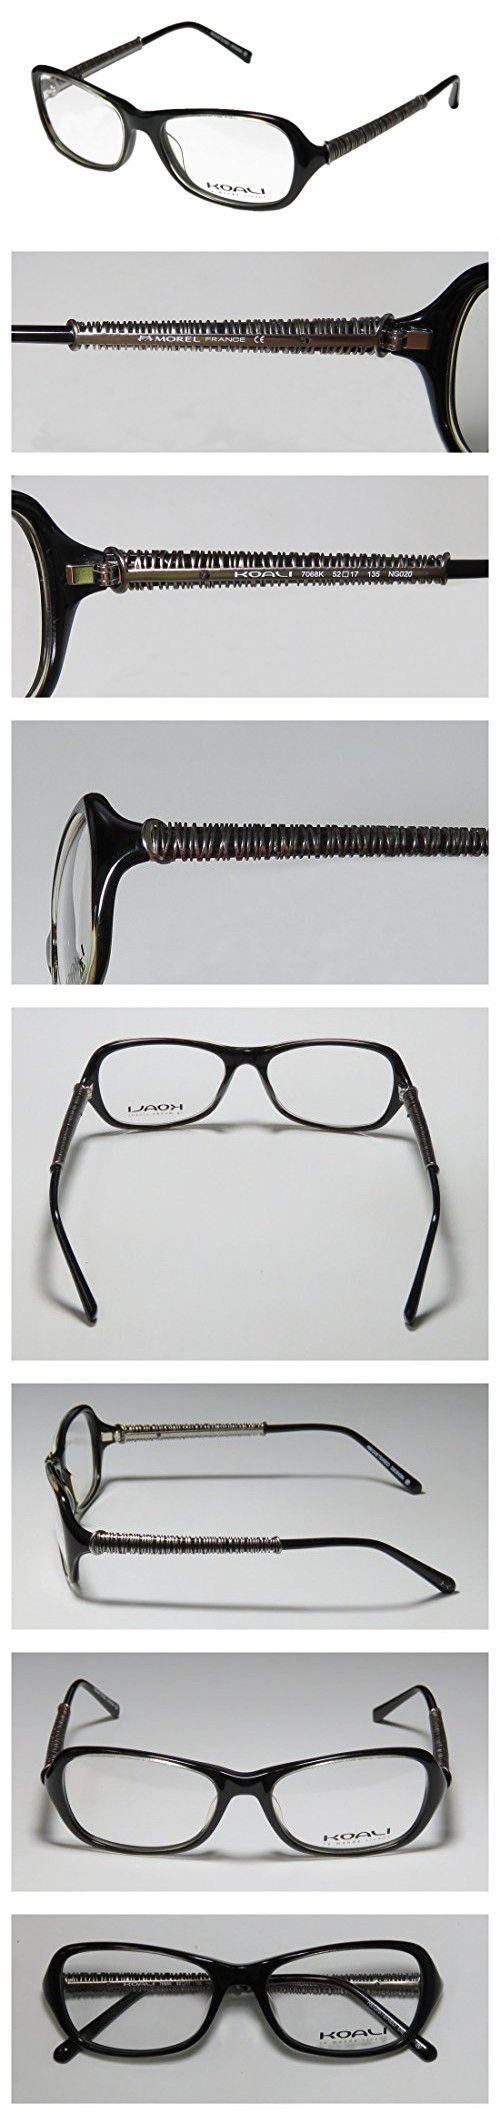 15 best Koali Eyewear images on Pinterest | Eye glasses, Glasses and ...